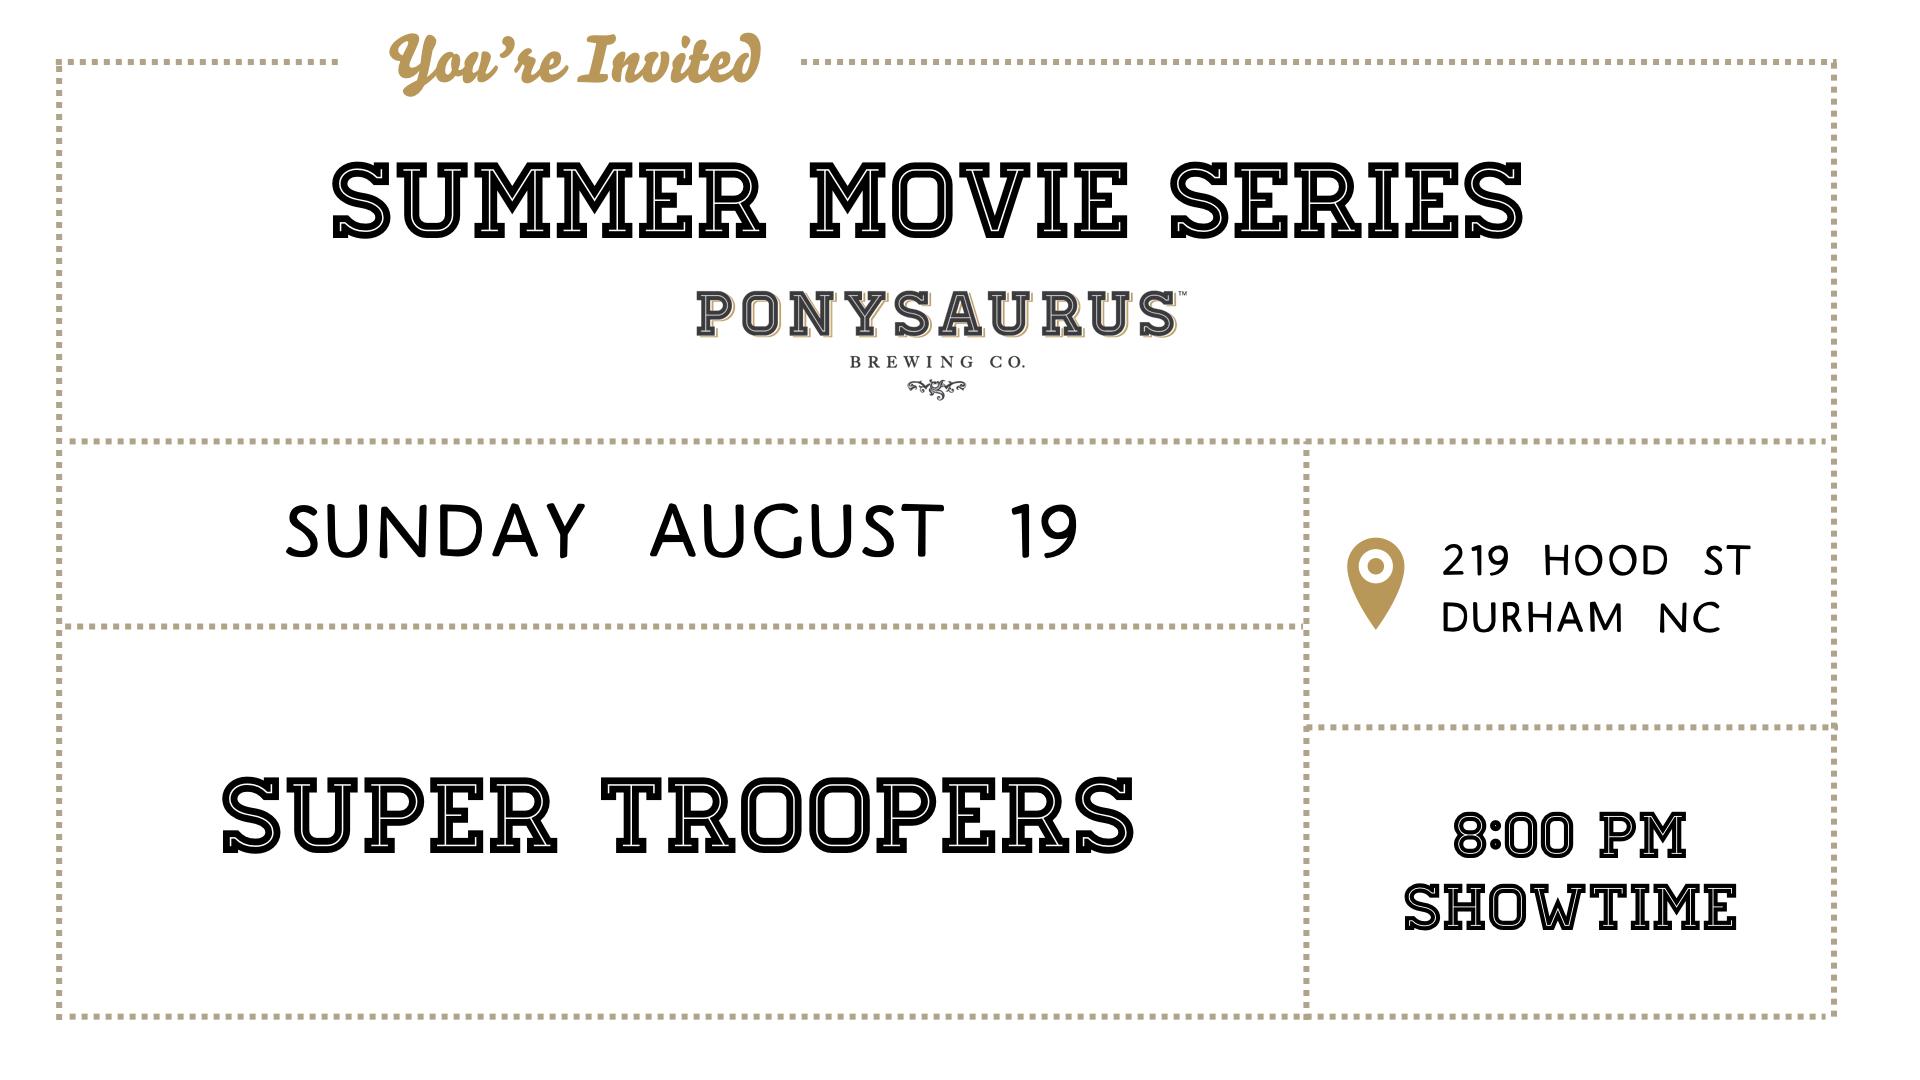 Summer Movie Series - Twitter Graphic.009.jpeg